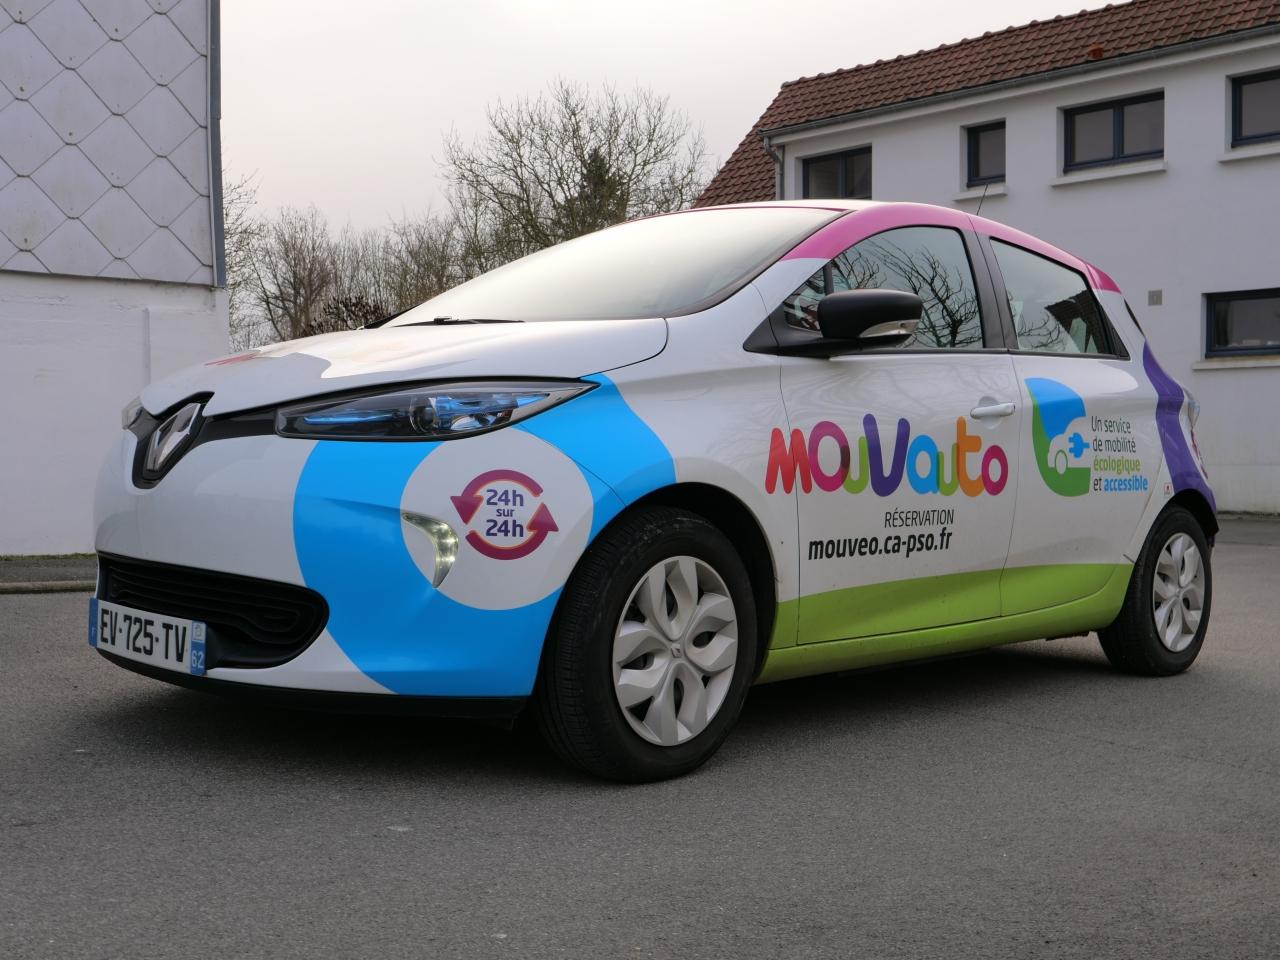 Véhicule électrique designée aux couleurs de Mouvauto